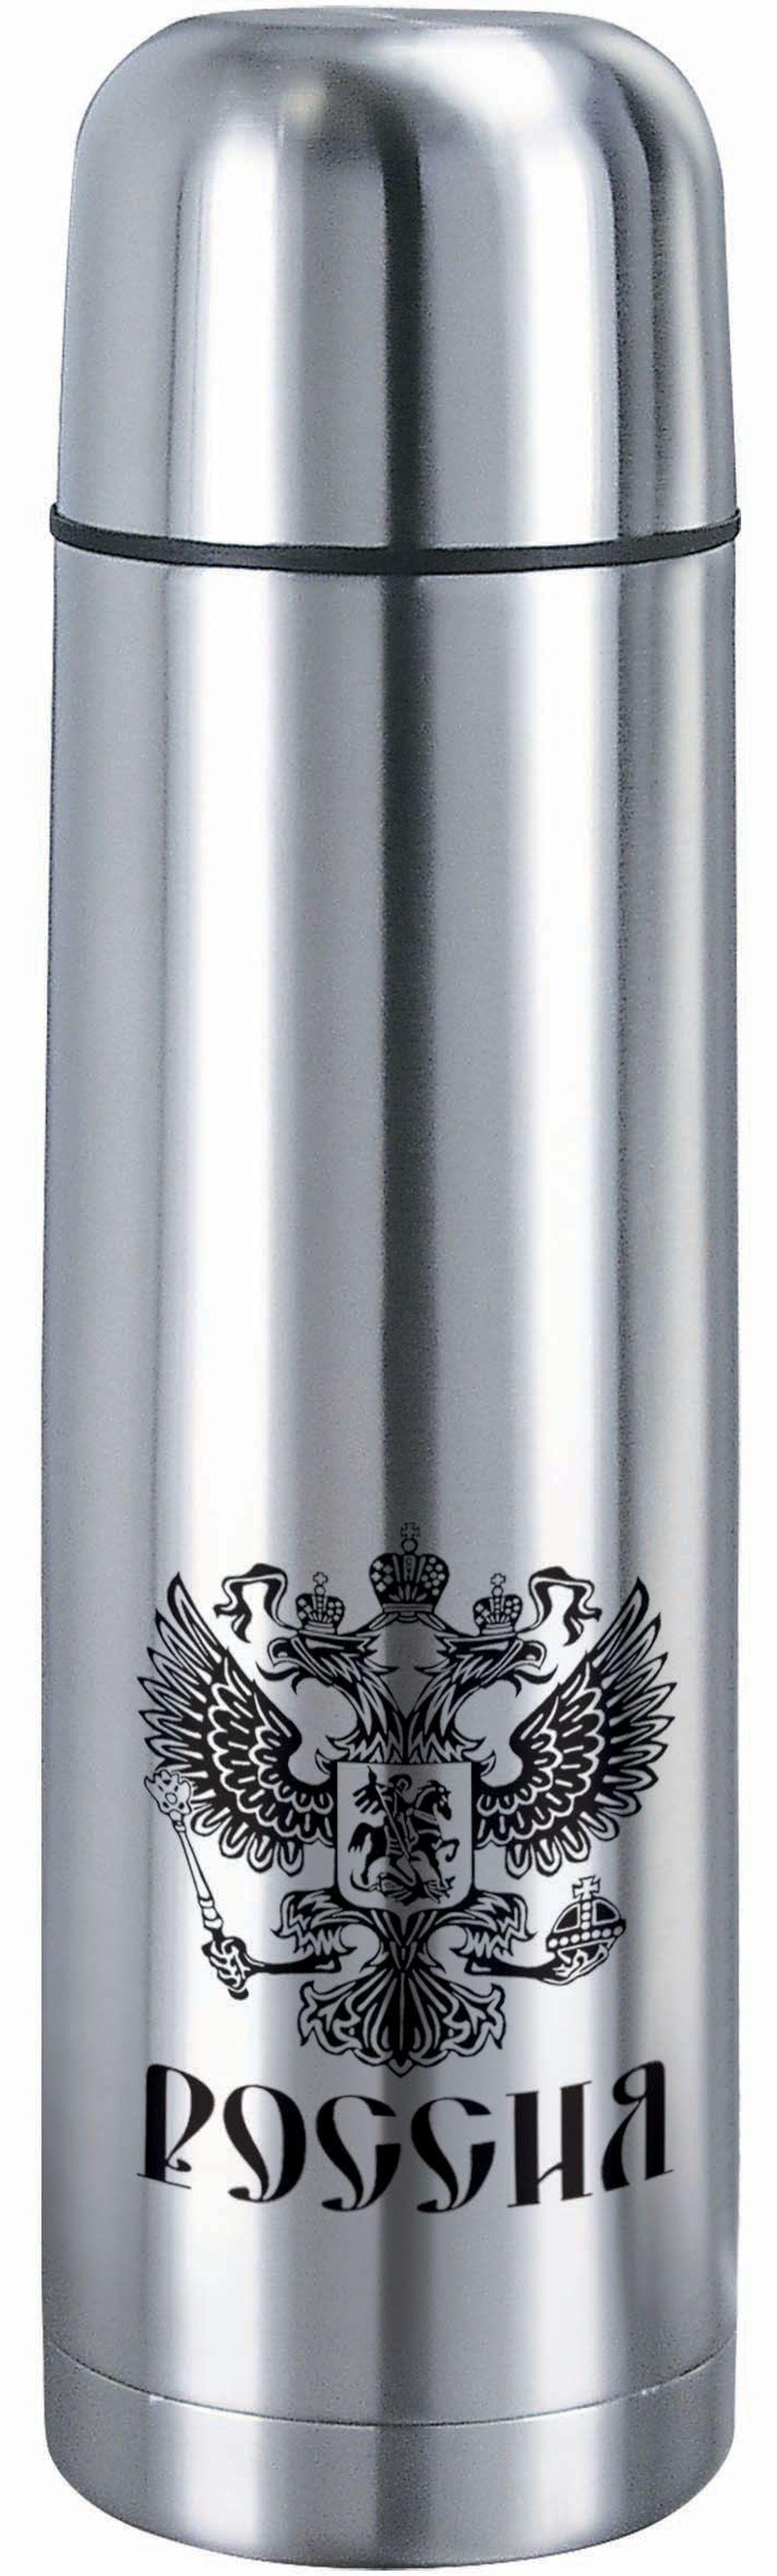 Термос Bekker, 0,5 л. BK-4117VT-1520(SR)Термос Bekker выполнен из качественной нержавеющей стали, которая не вступает в реакцию с содержимым термоса и не изменяет вкусовых качеств напитка. Двойная стенка из нержавеющей стали сохраняет температуру ваших напитков до 24 часов.Вакуумный закручивающийся клапан предохраняет от проливаний, а удобная кнопка-дозатор избавит от необходимости каждый раз откручивать крышку. Крышку можно использовать как чашку. Данная модель термоса прочная, долговечная и в тоже время легкая.Стильный металлический термос понравится абсолютно всем и впишется в любой интерьер кухни.Не рекомендуется мыть в посудомоечной машине.